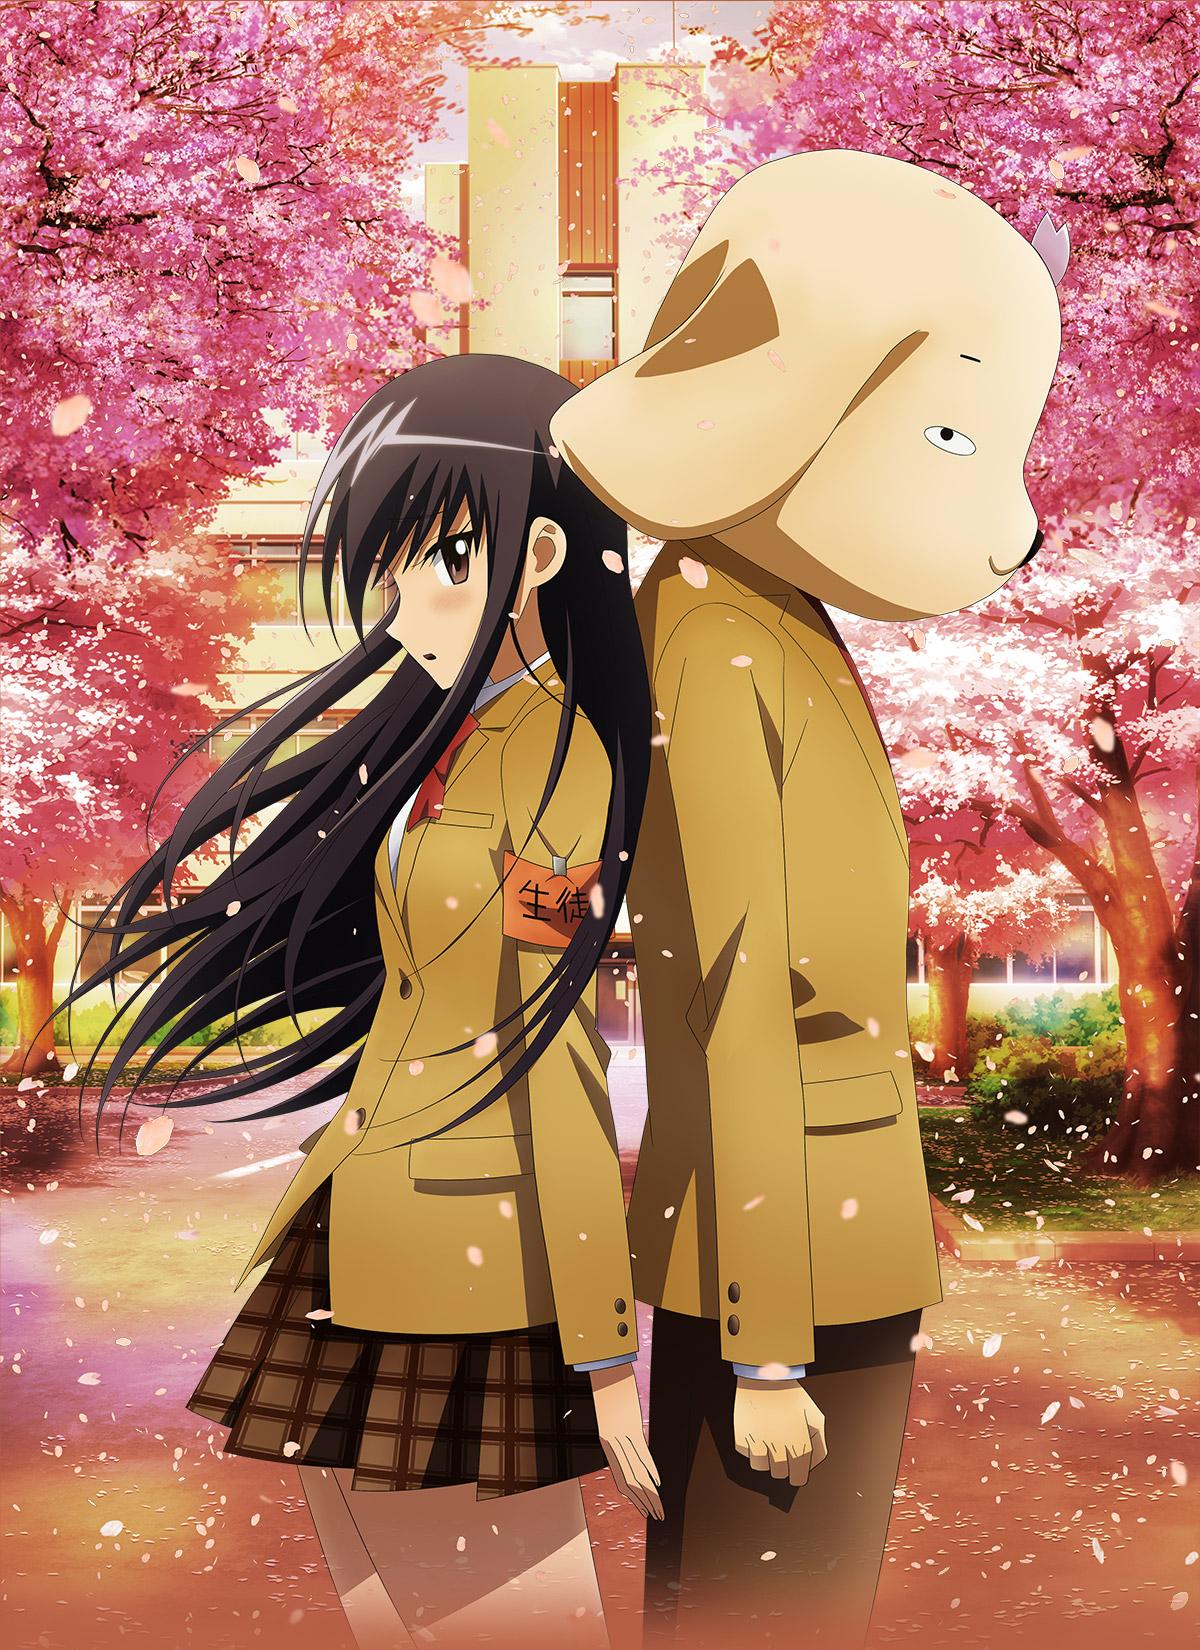 日本二维剧场版动画片制作《妄想学生会2》公布新PV  2021年1月1日上映